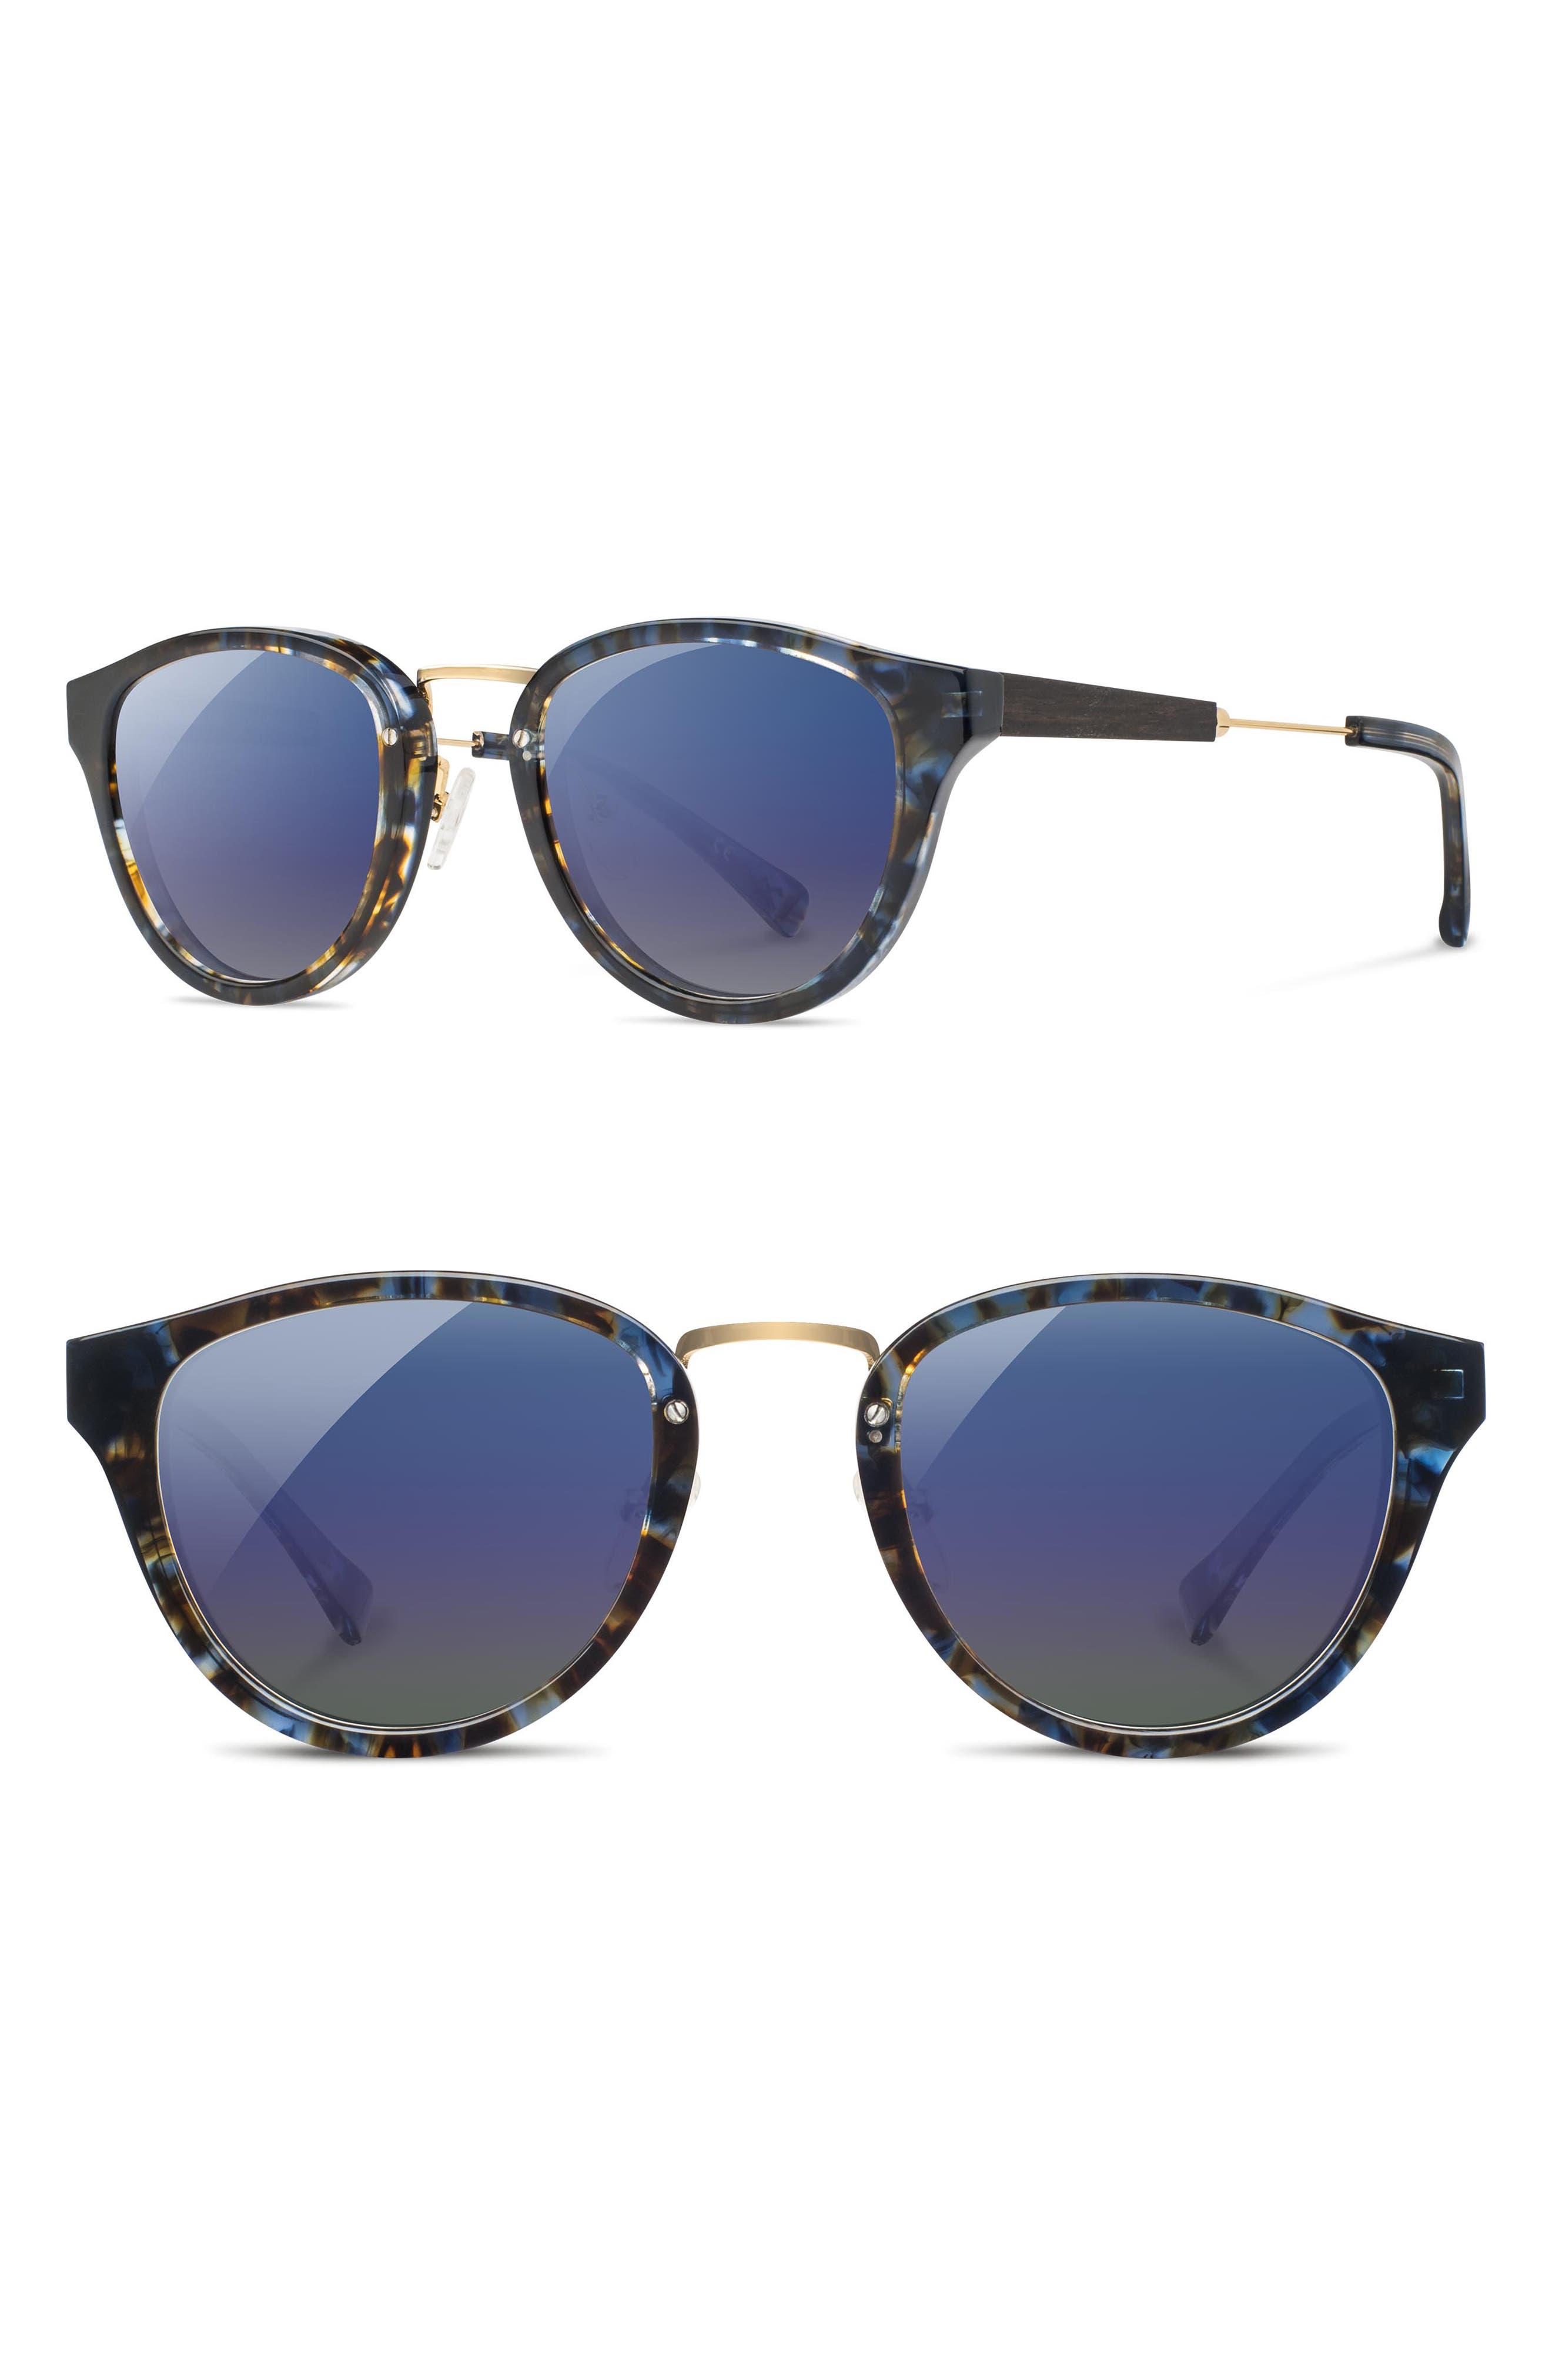 SHWOOD 'Ainsworth' 49Mm Polarized Sunglasses - Blue Nebula/ Gold/ Blue Flash